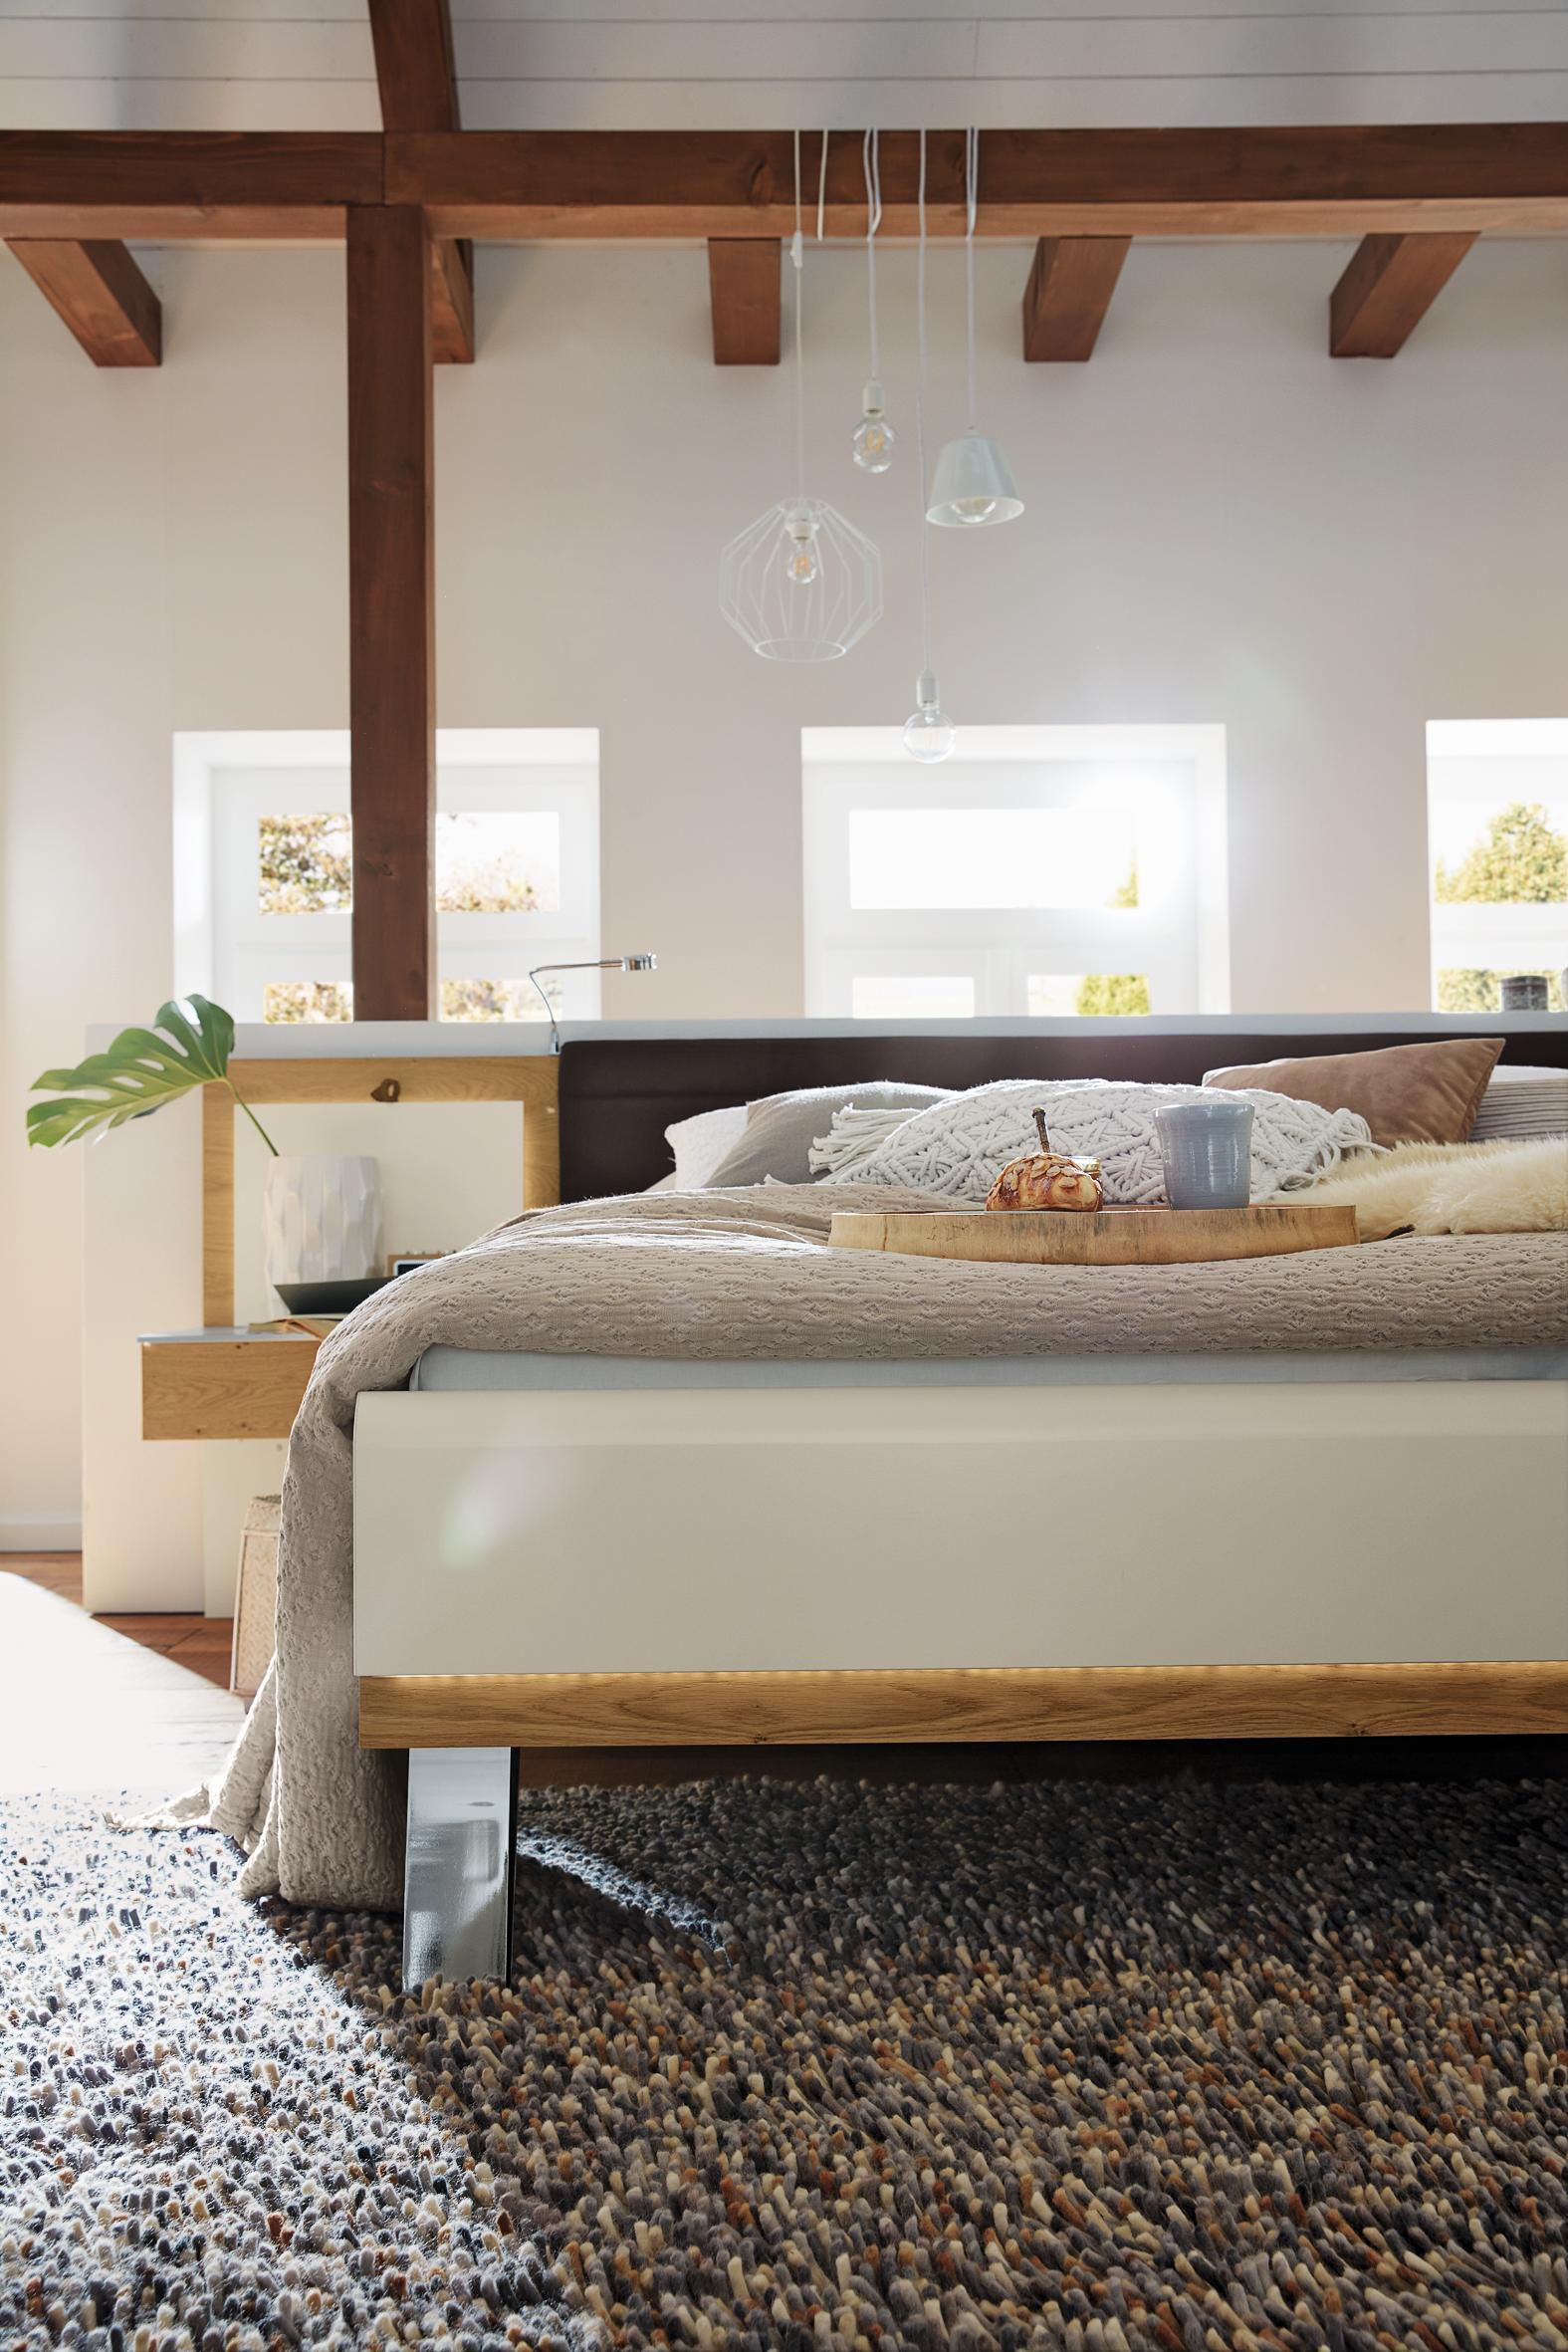 Full Size of Musterring Saphira Esstisch Betten Wohnzimmer Musterring Saphira